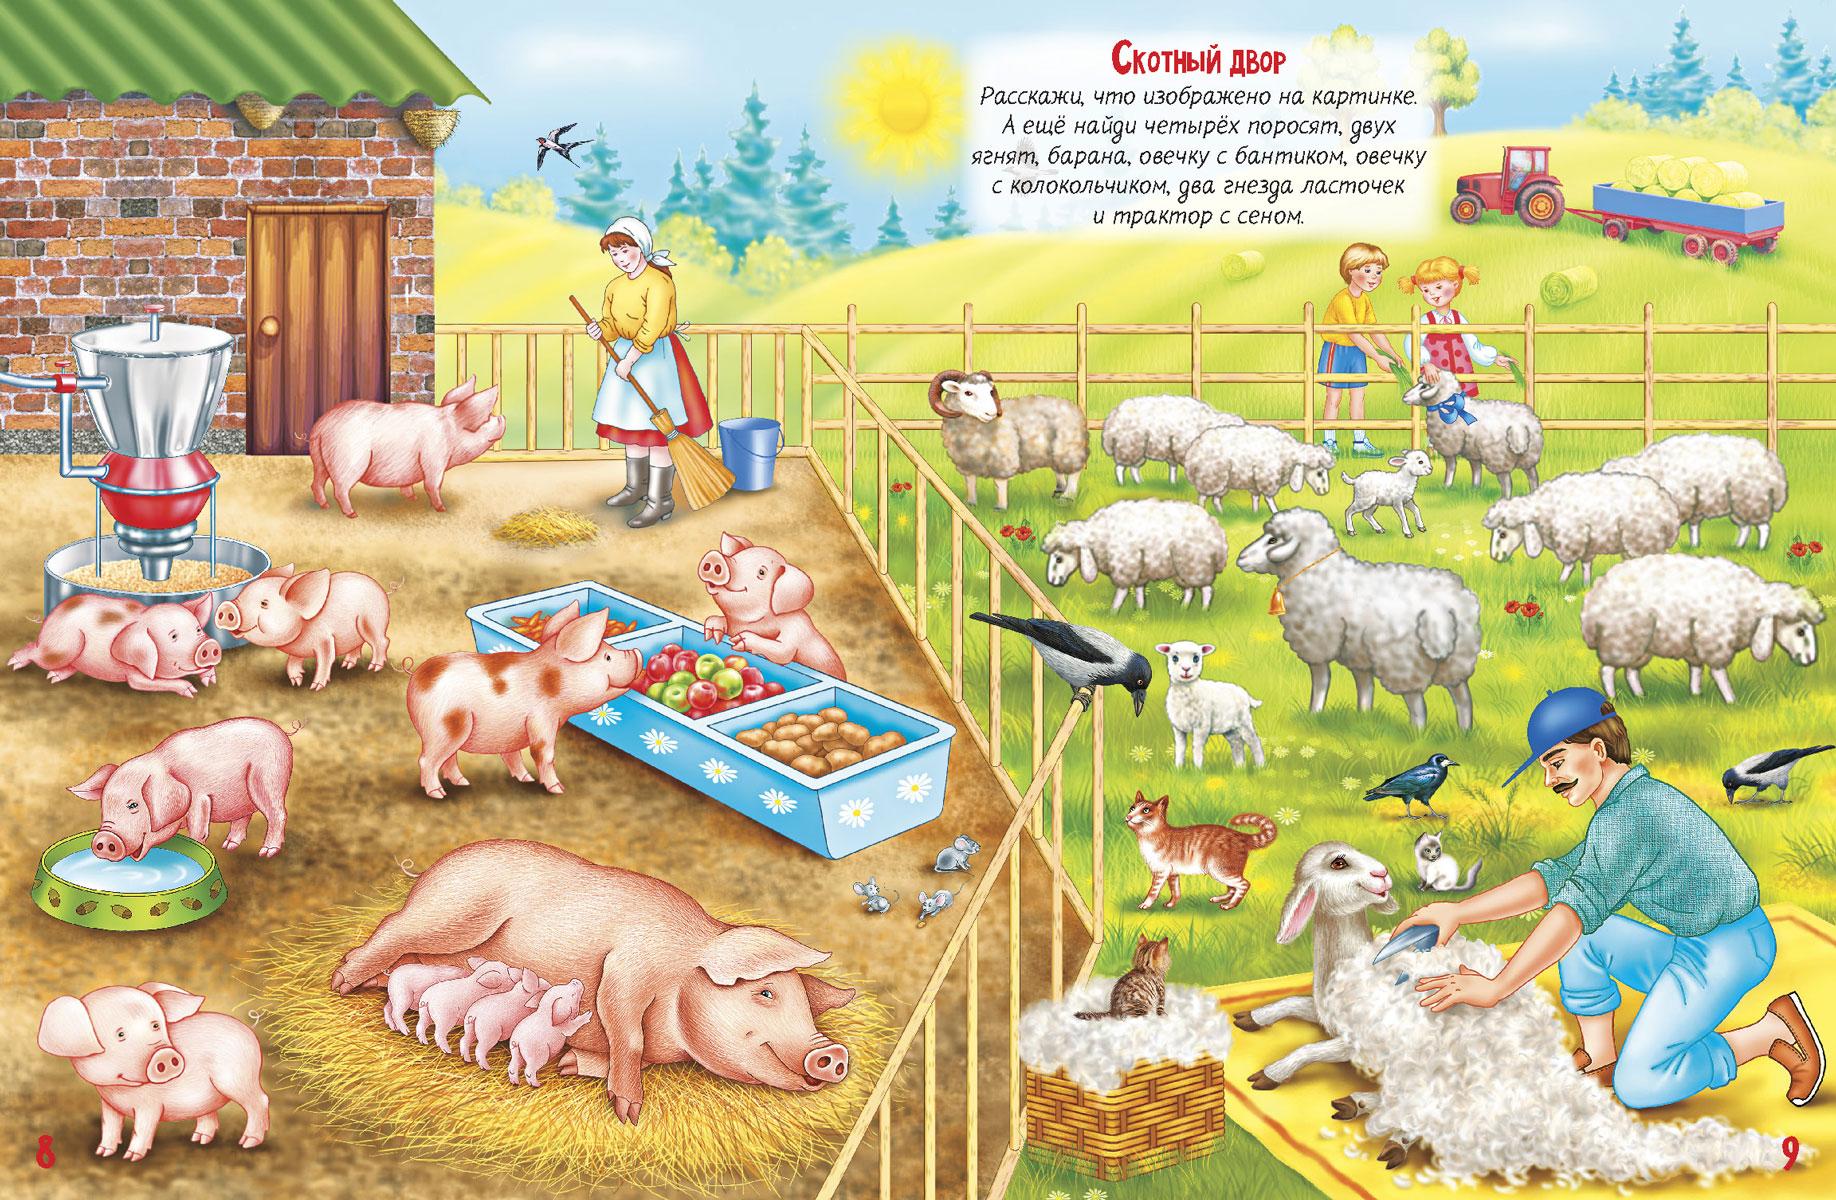 точно картинка скотный двор домашние животные жильцы